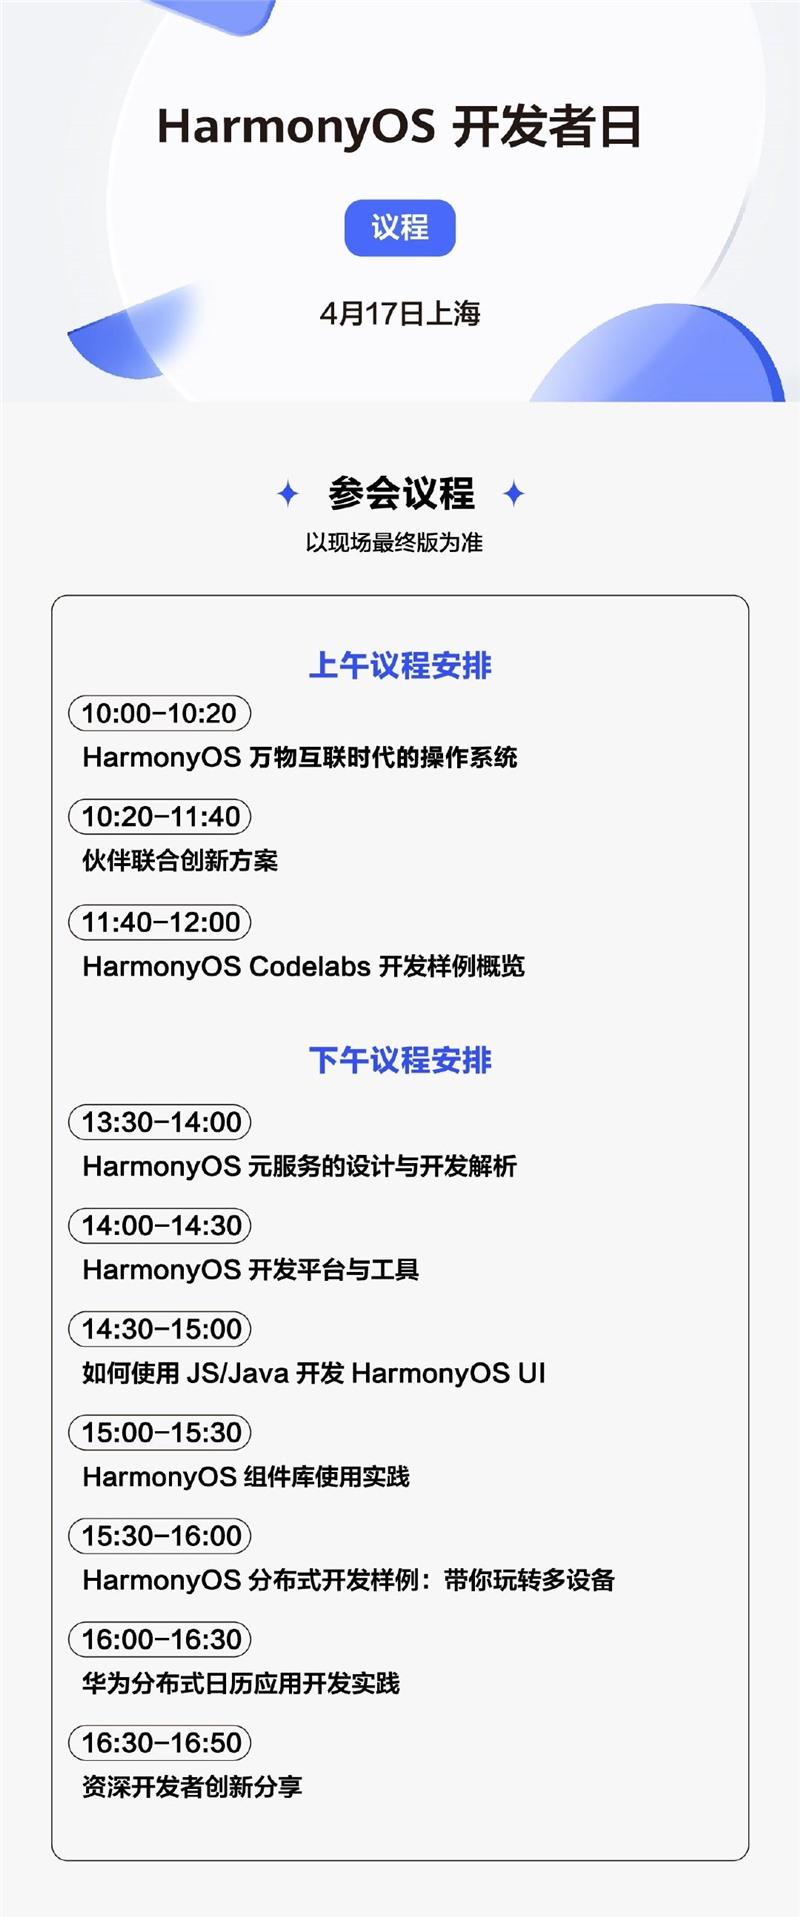 华为鸿蒙 OS 开发者日于 4 月 17 日上海举行